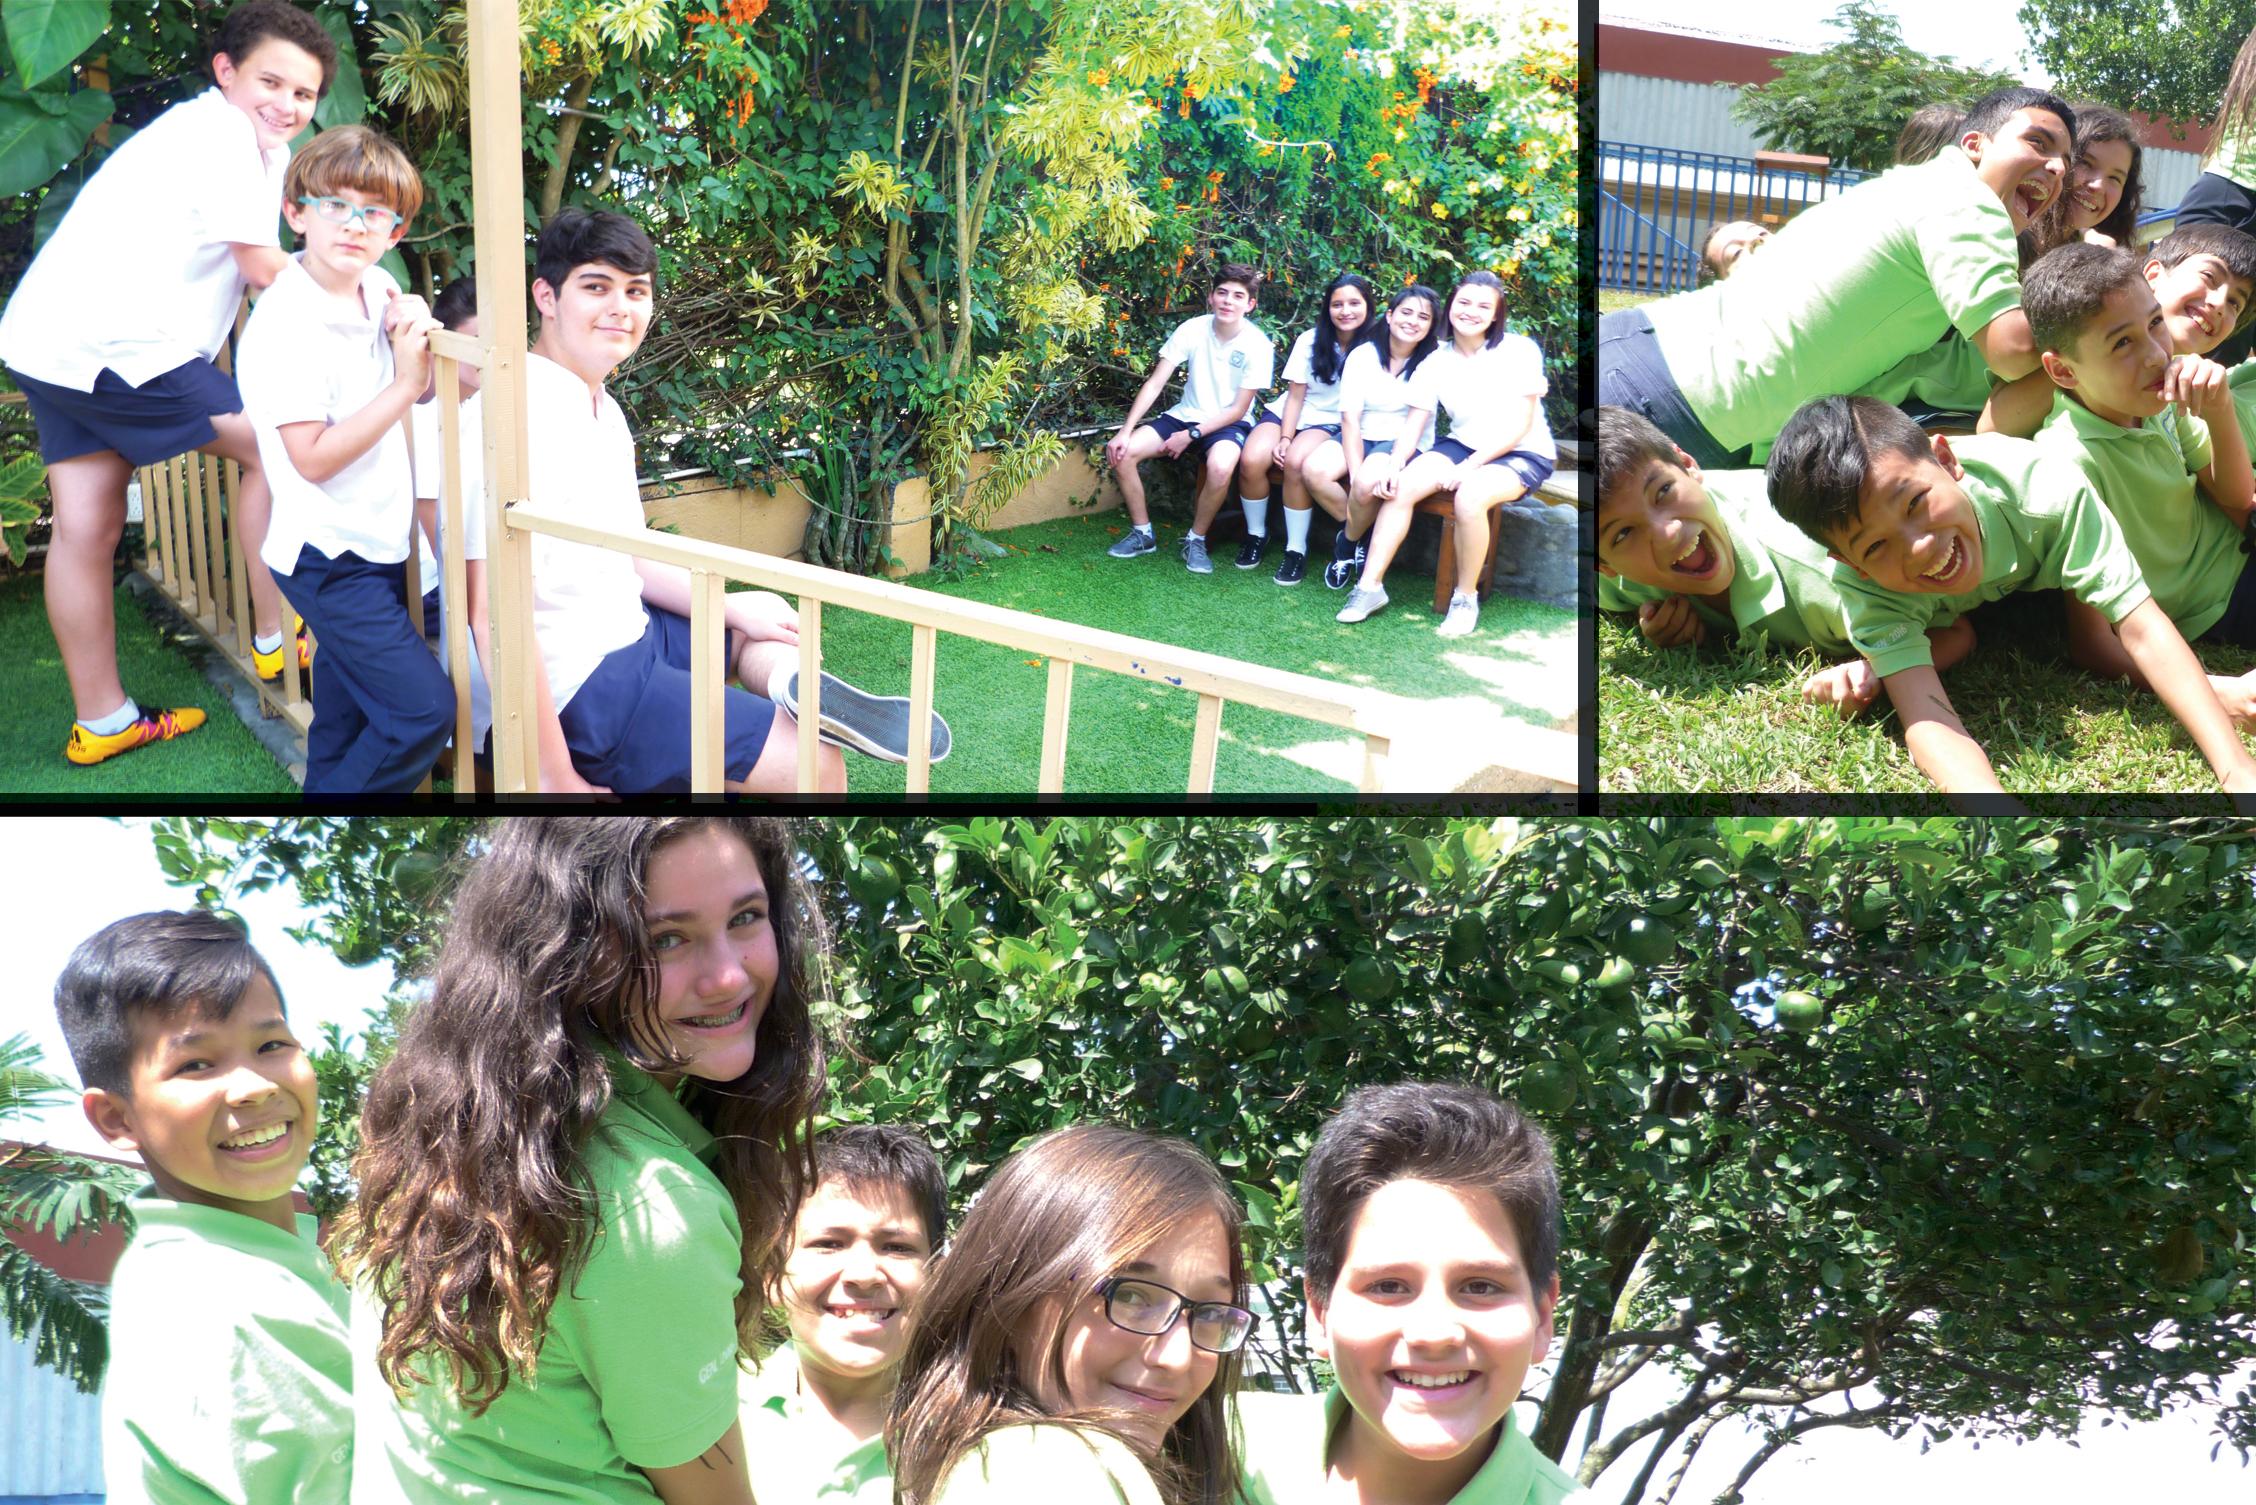 https://ekaenlinea.com/wp-content/uploads/2016/12/Campestre-escuela.jpg